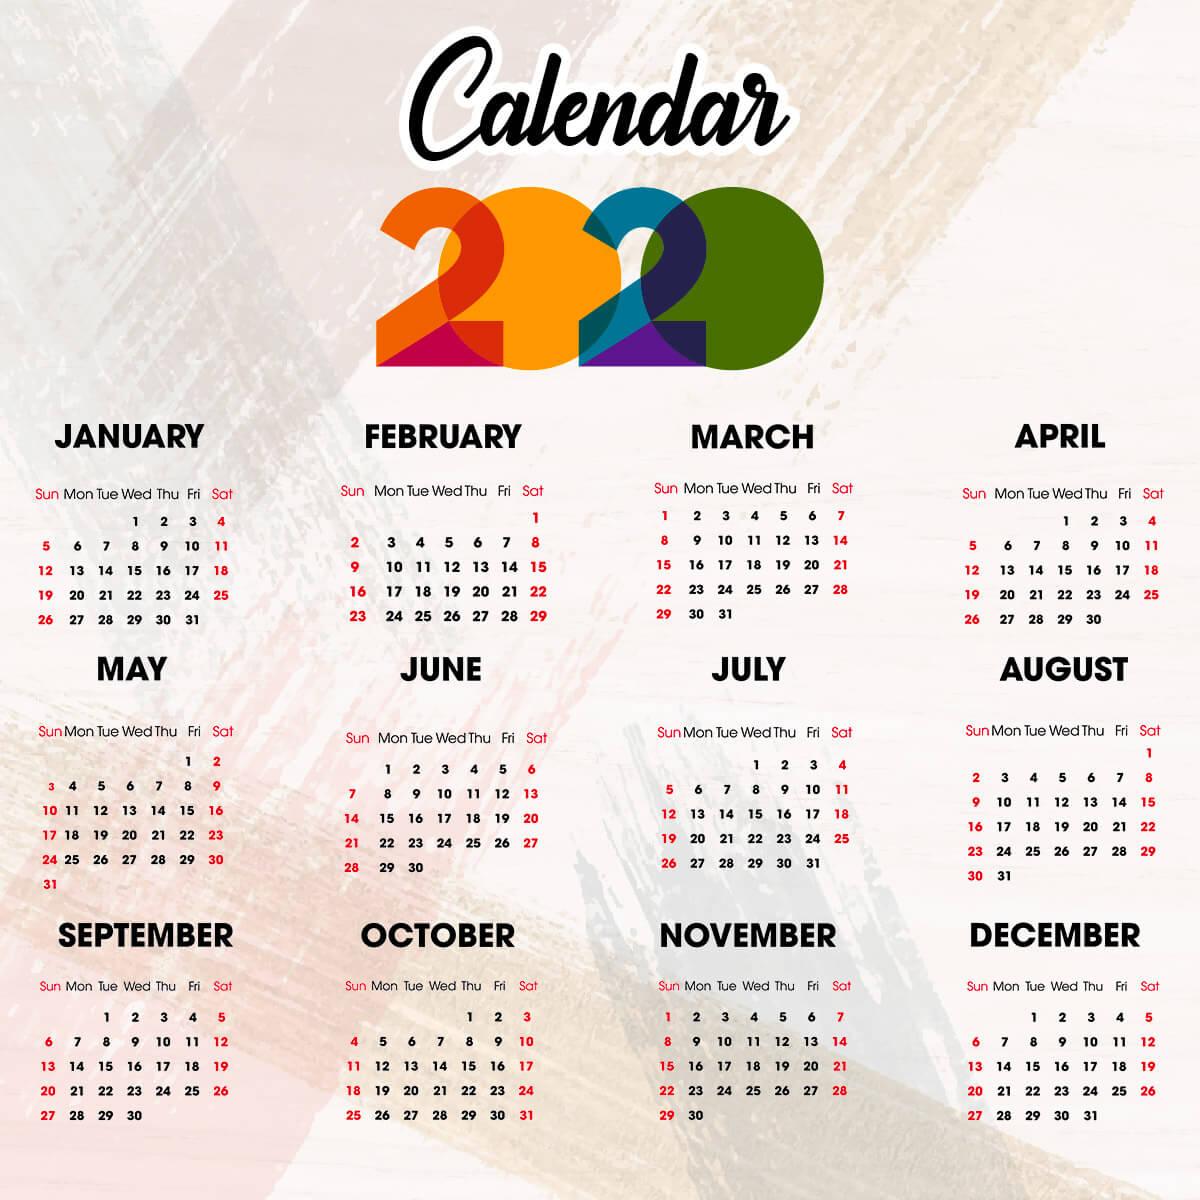 Calendarul Zilelor Libere In 2020   Ziarul Profit